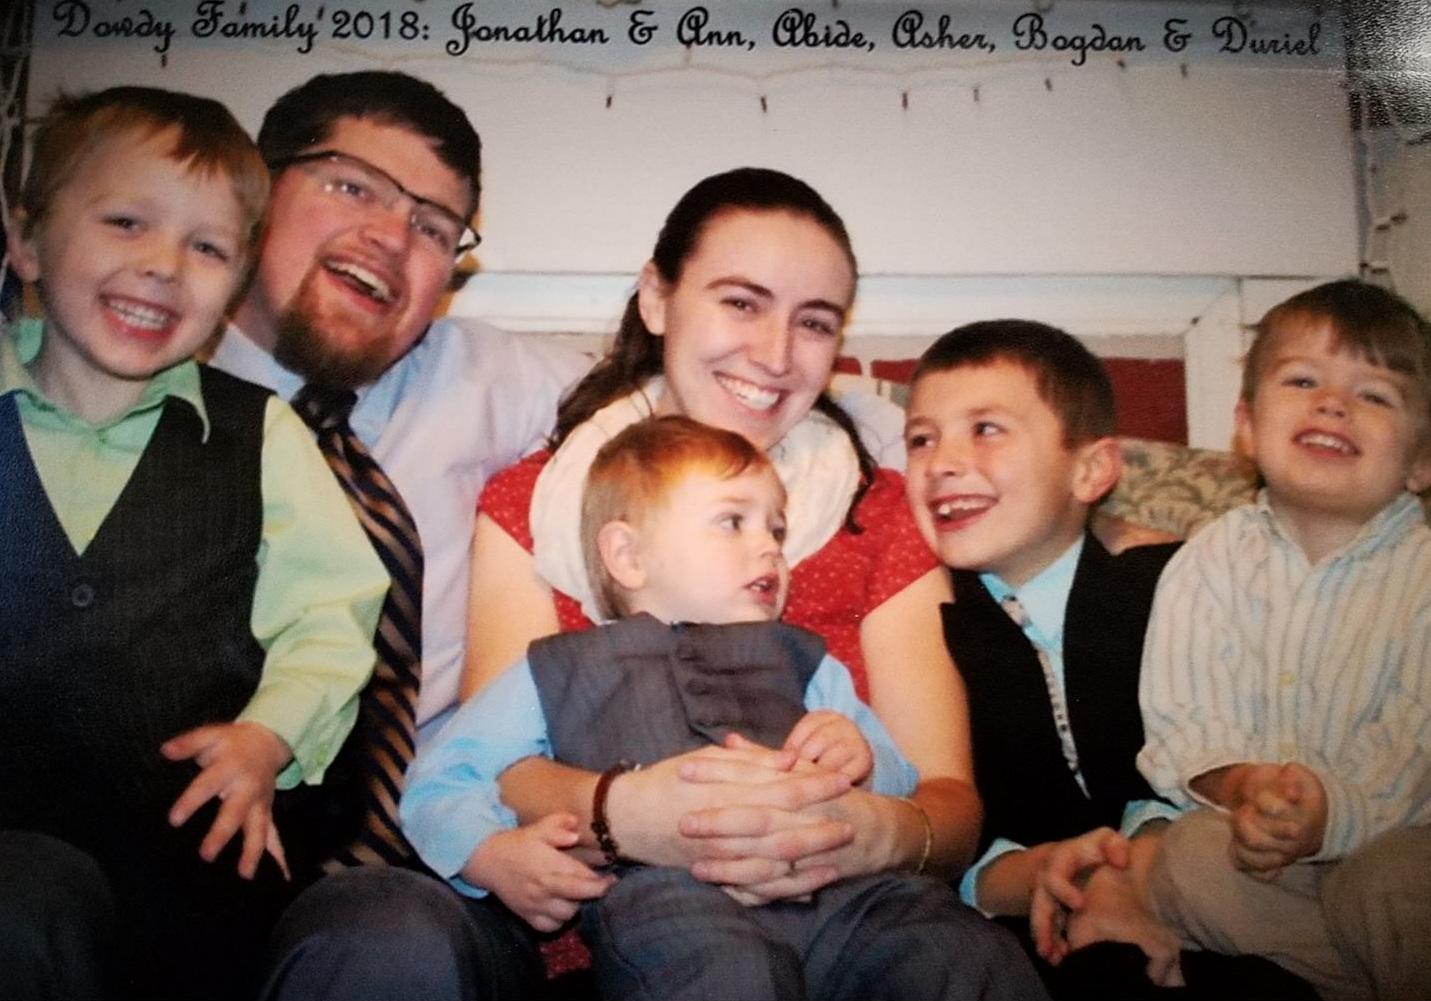 Jon Dowdy & Family